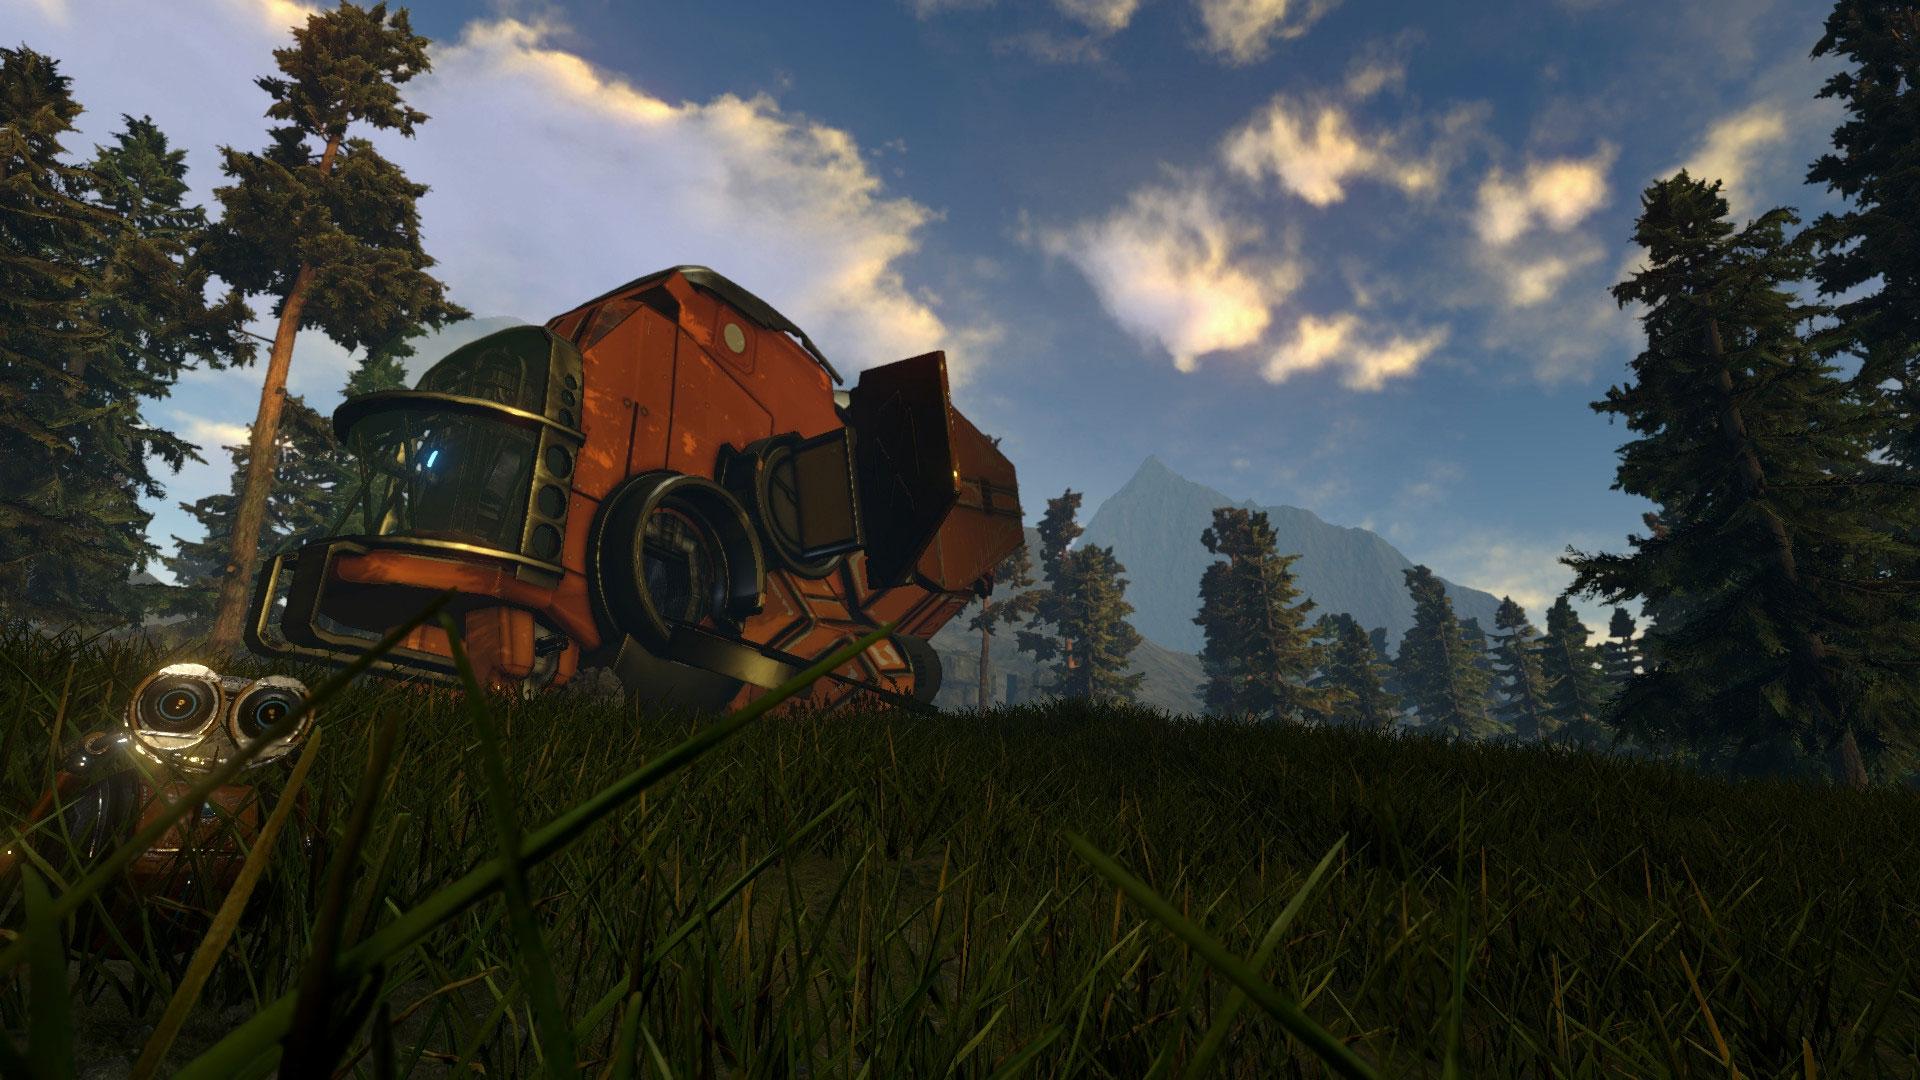 Dialogen mellom de to romskipene står for mye av humoren i spillet.  (Foto: ION LANDS)